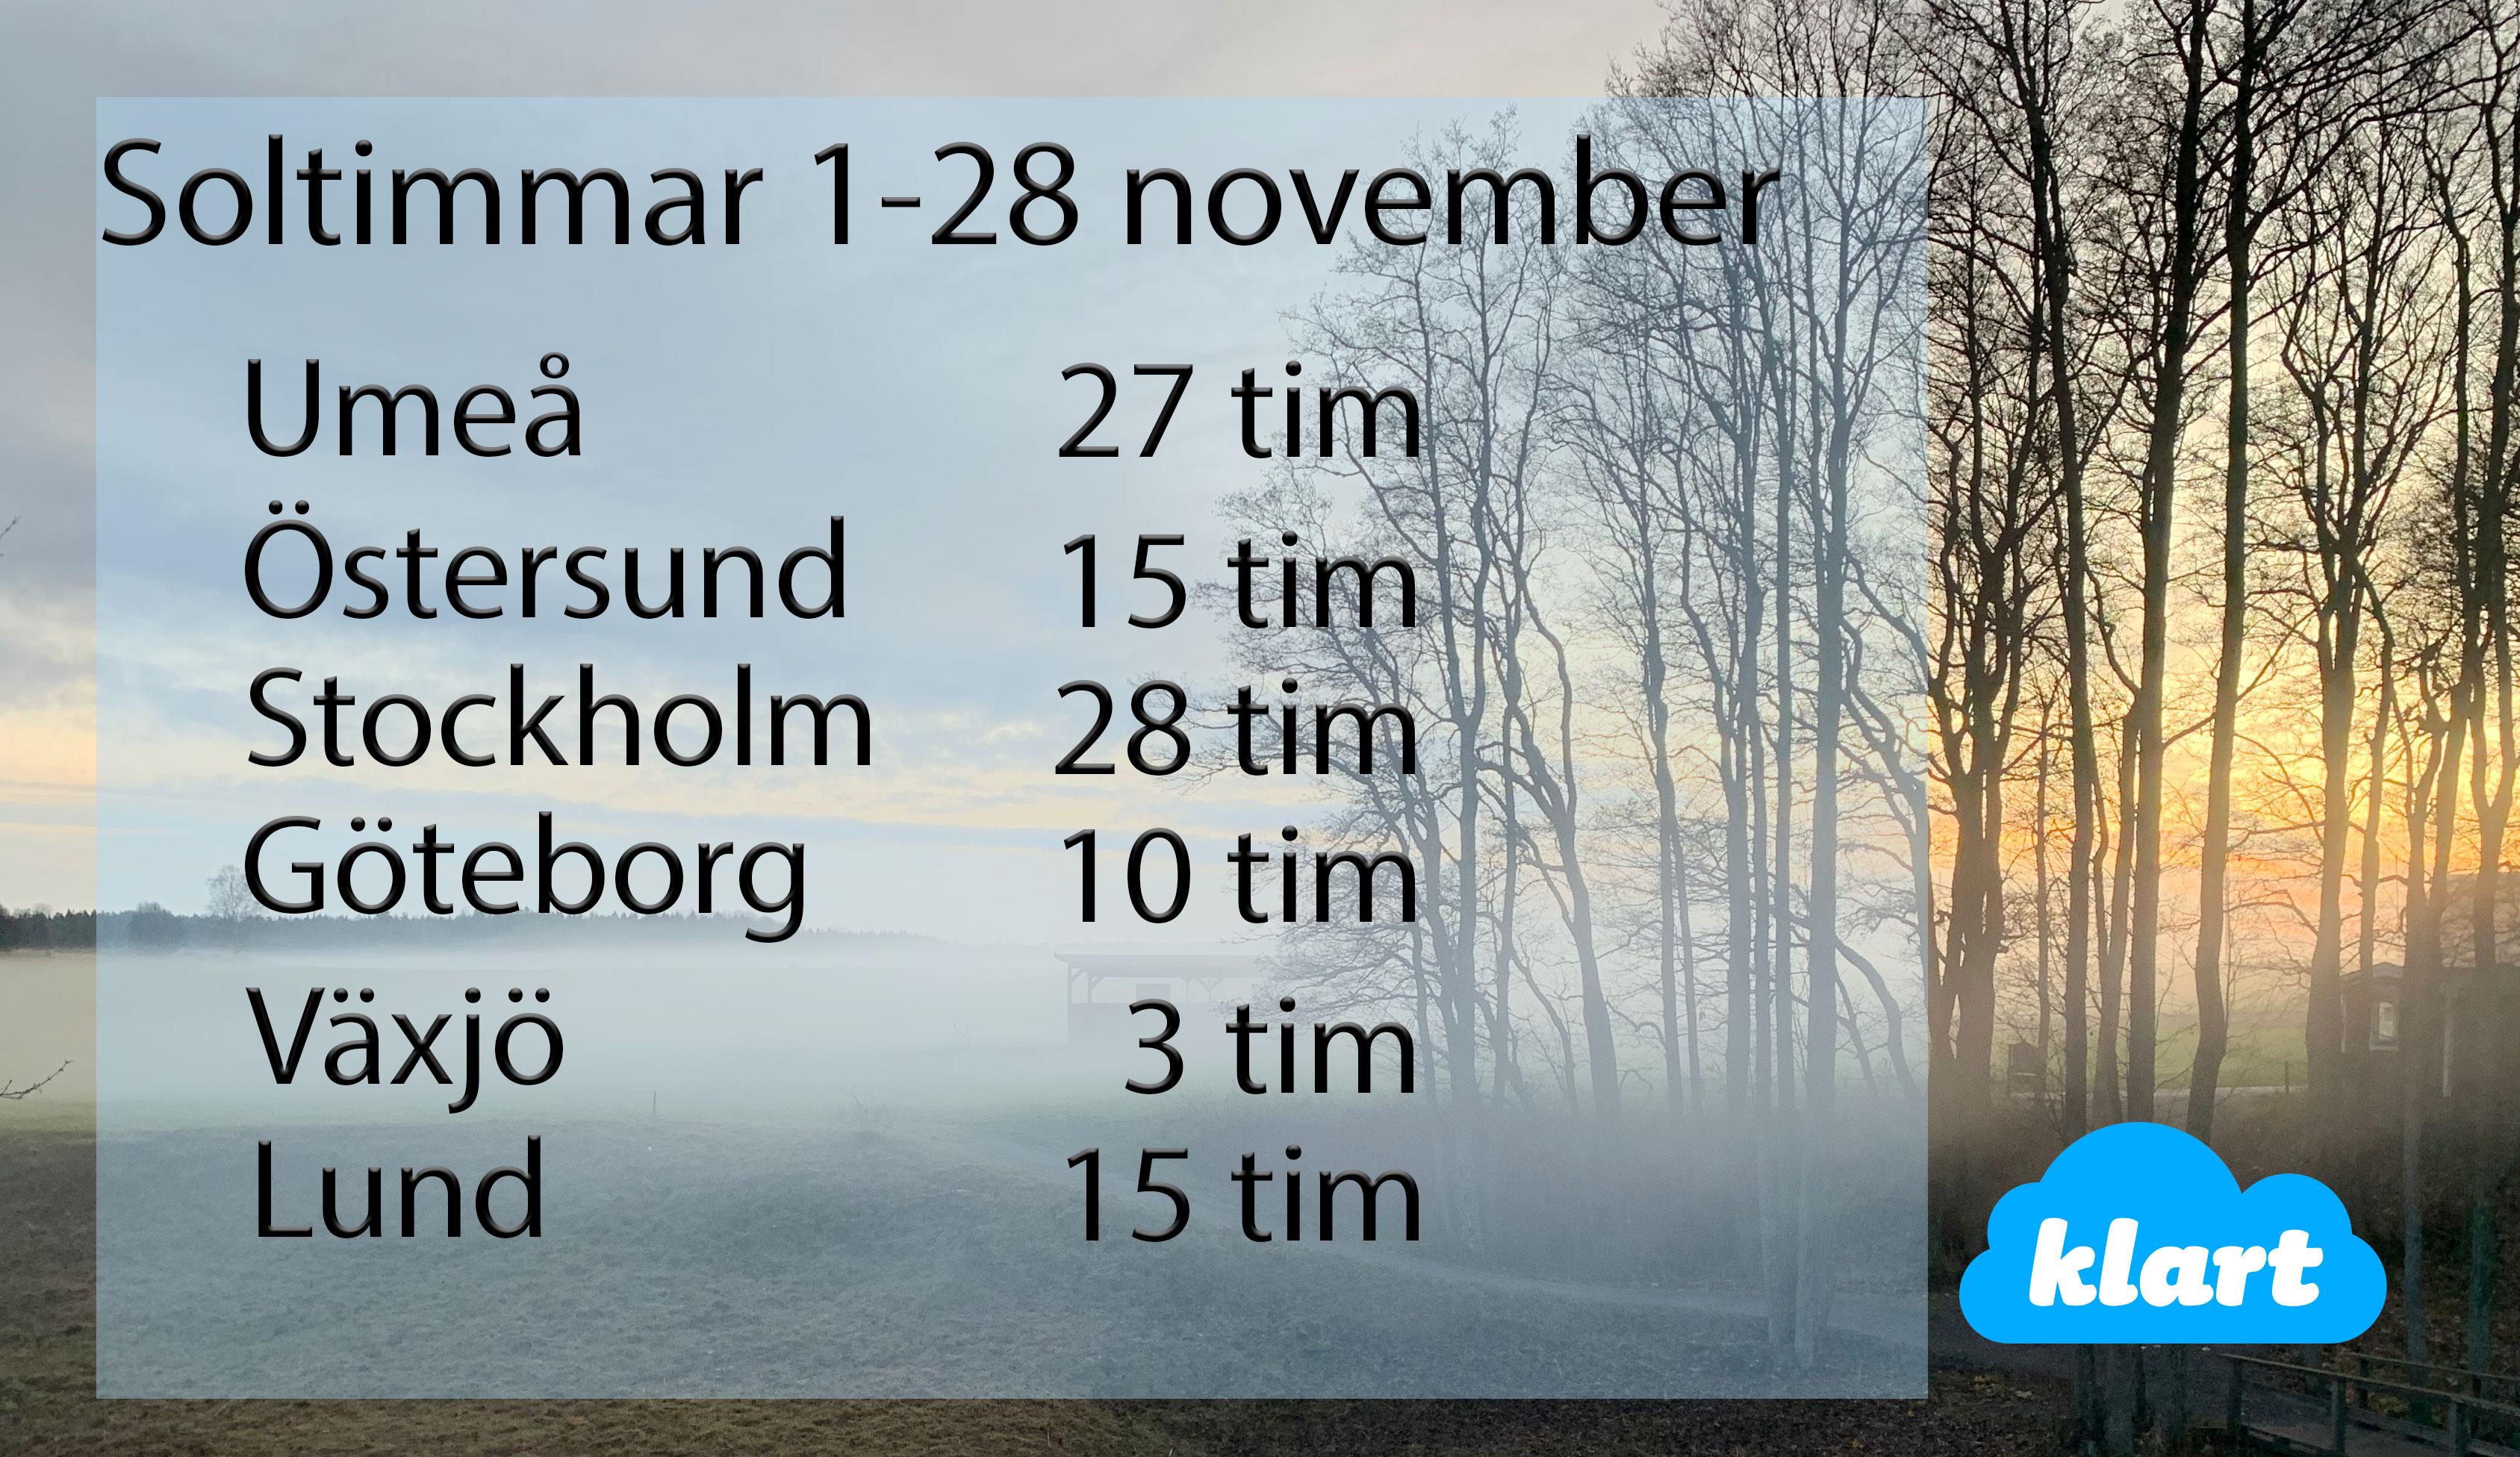 Soltimmar från 1:a-28:e november. Normalt antal soltimmar i november är i Umeå 46 tim, Östersund 38 tim, Stockholm 54 tim, Göteborg 58 tim, Växjö 45 tim och Lund 52 tim